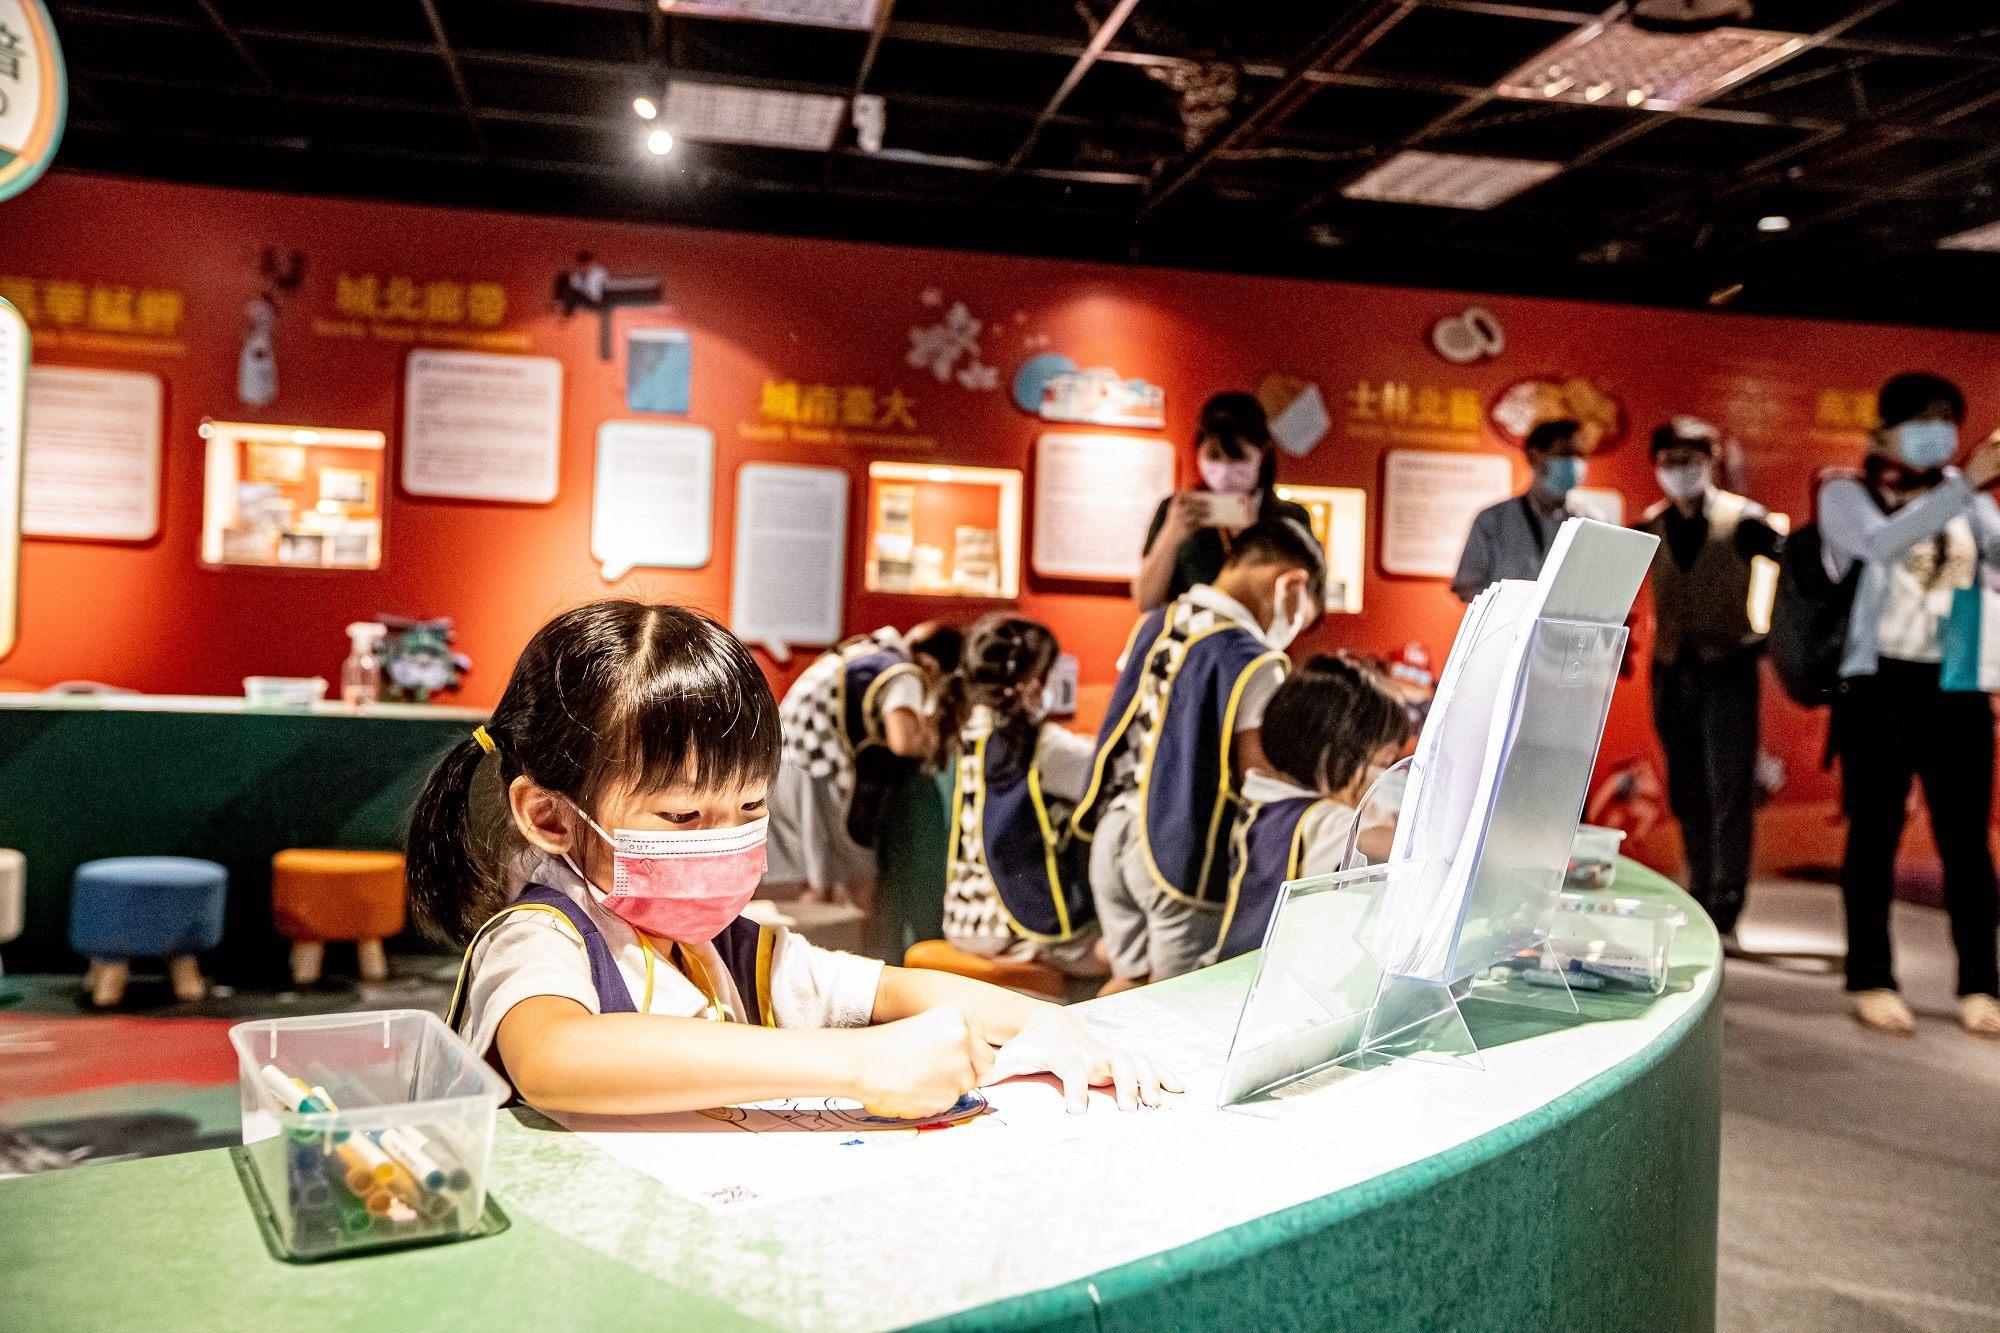 來台北探索館「台北無圍牆博物館特展─波力玩台北」體驗互動塗鴉牆,畫出屬於自己的波力與安寶。